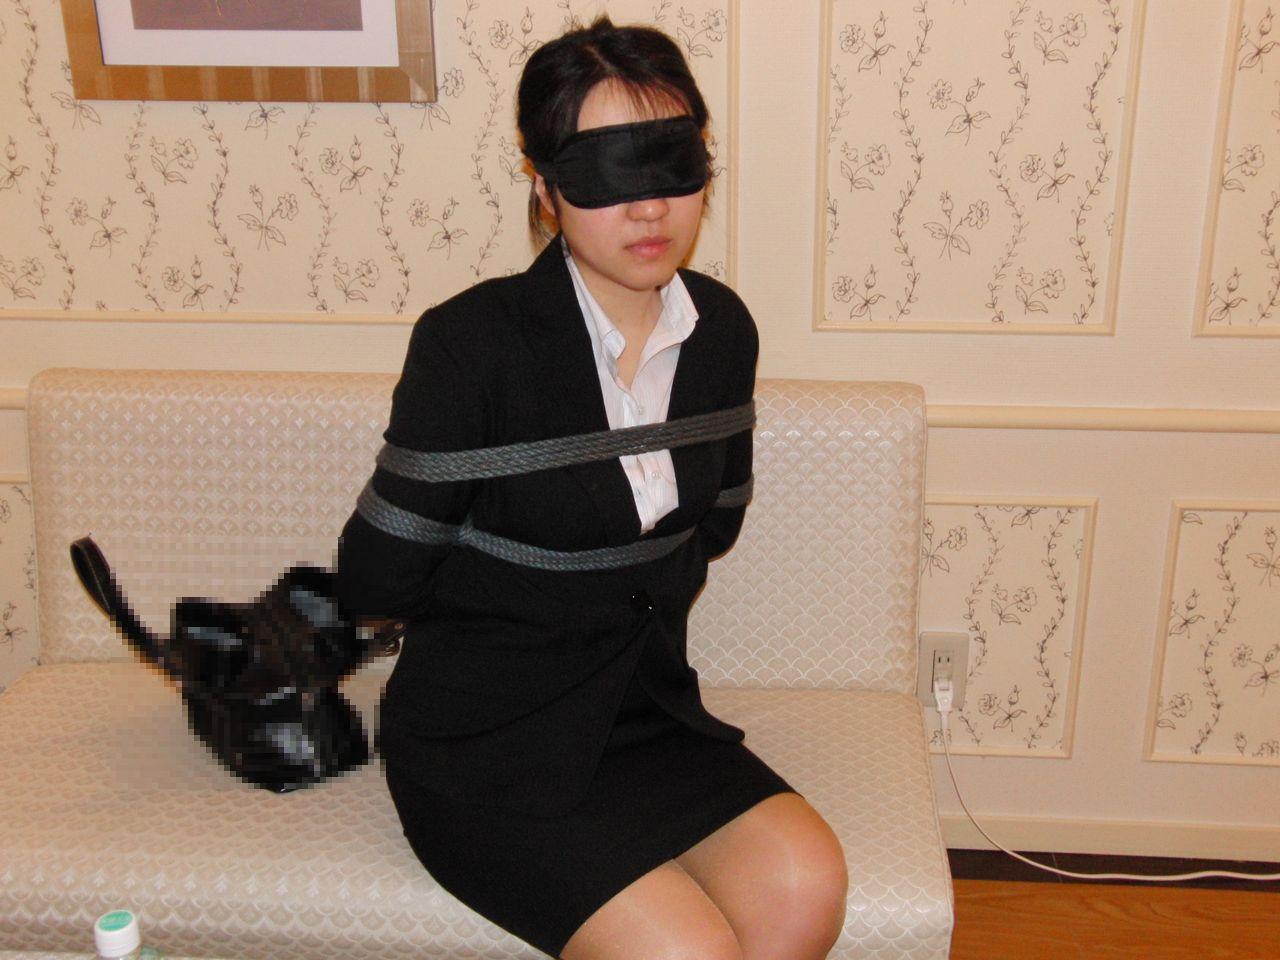 応援したくなる就職活動中のリクルートスーツお姉さん画像4枚目